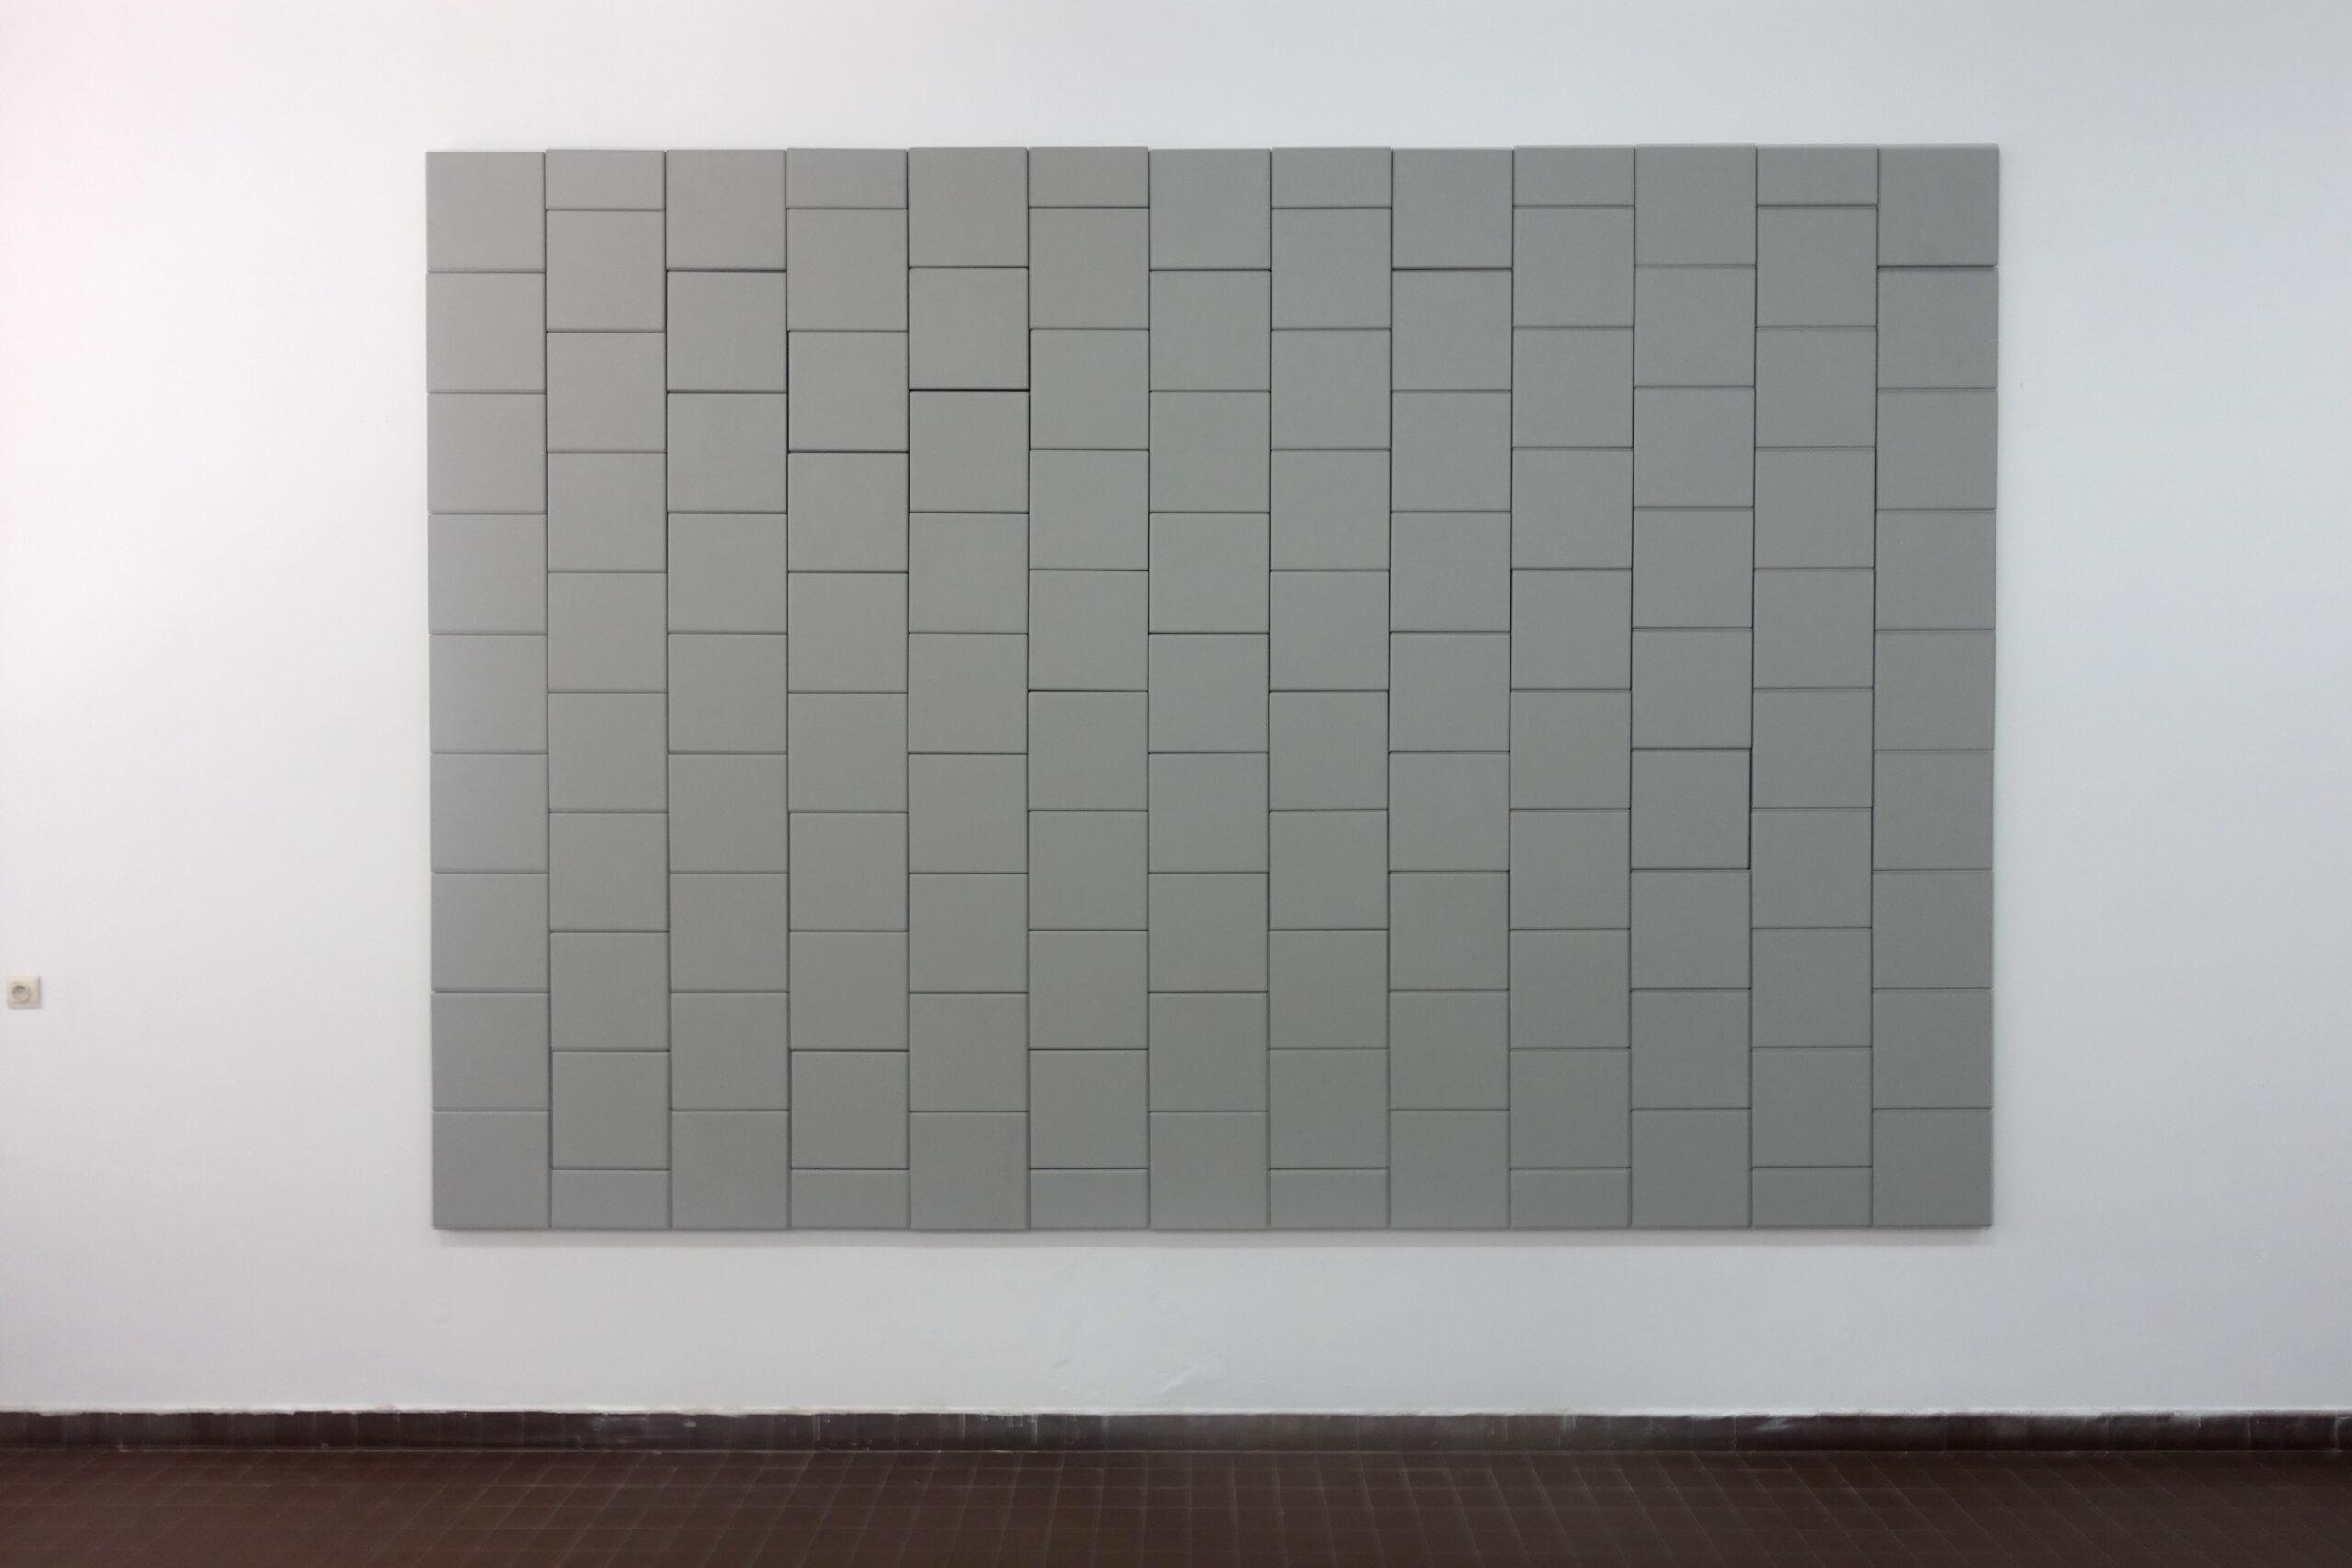 Marie-Sophie Beinke - Gehweg (Sidewalk), 2021 Acrylic on canvas and MDF 264 x 383 cm